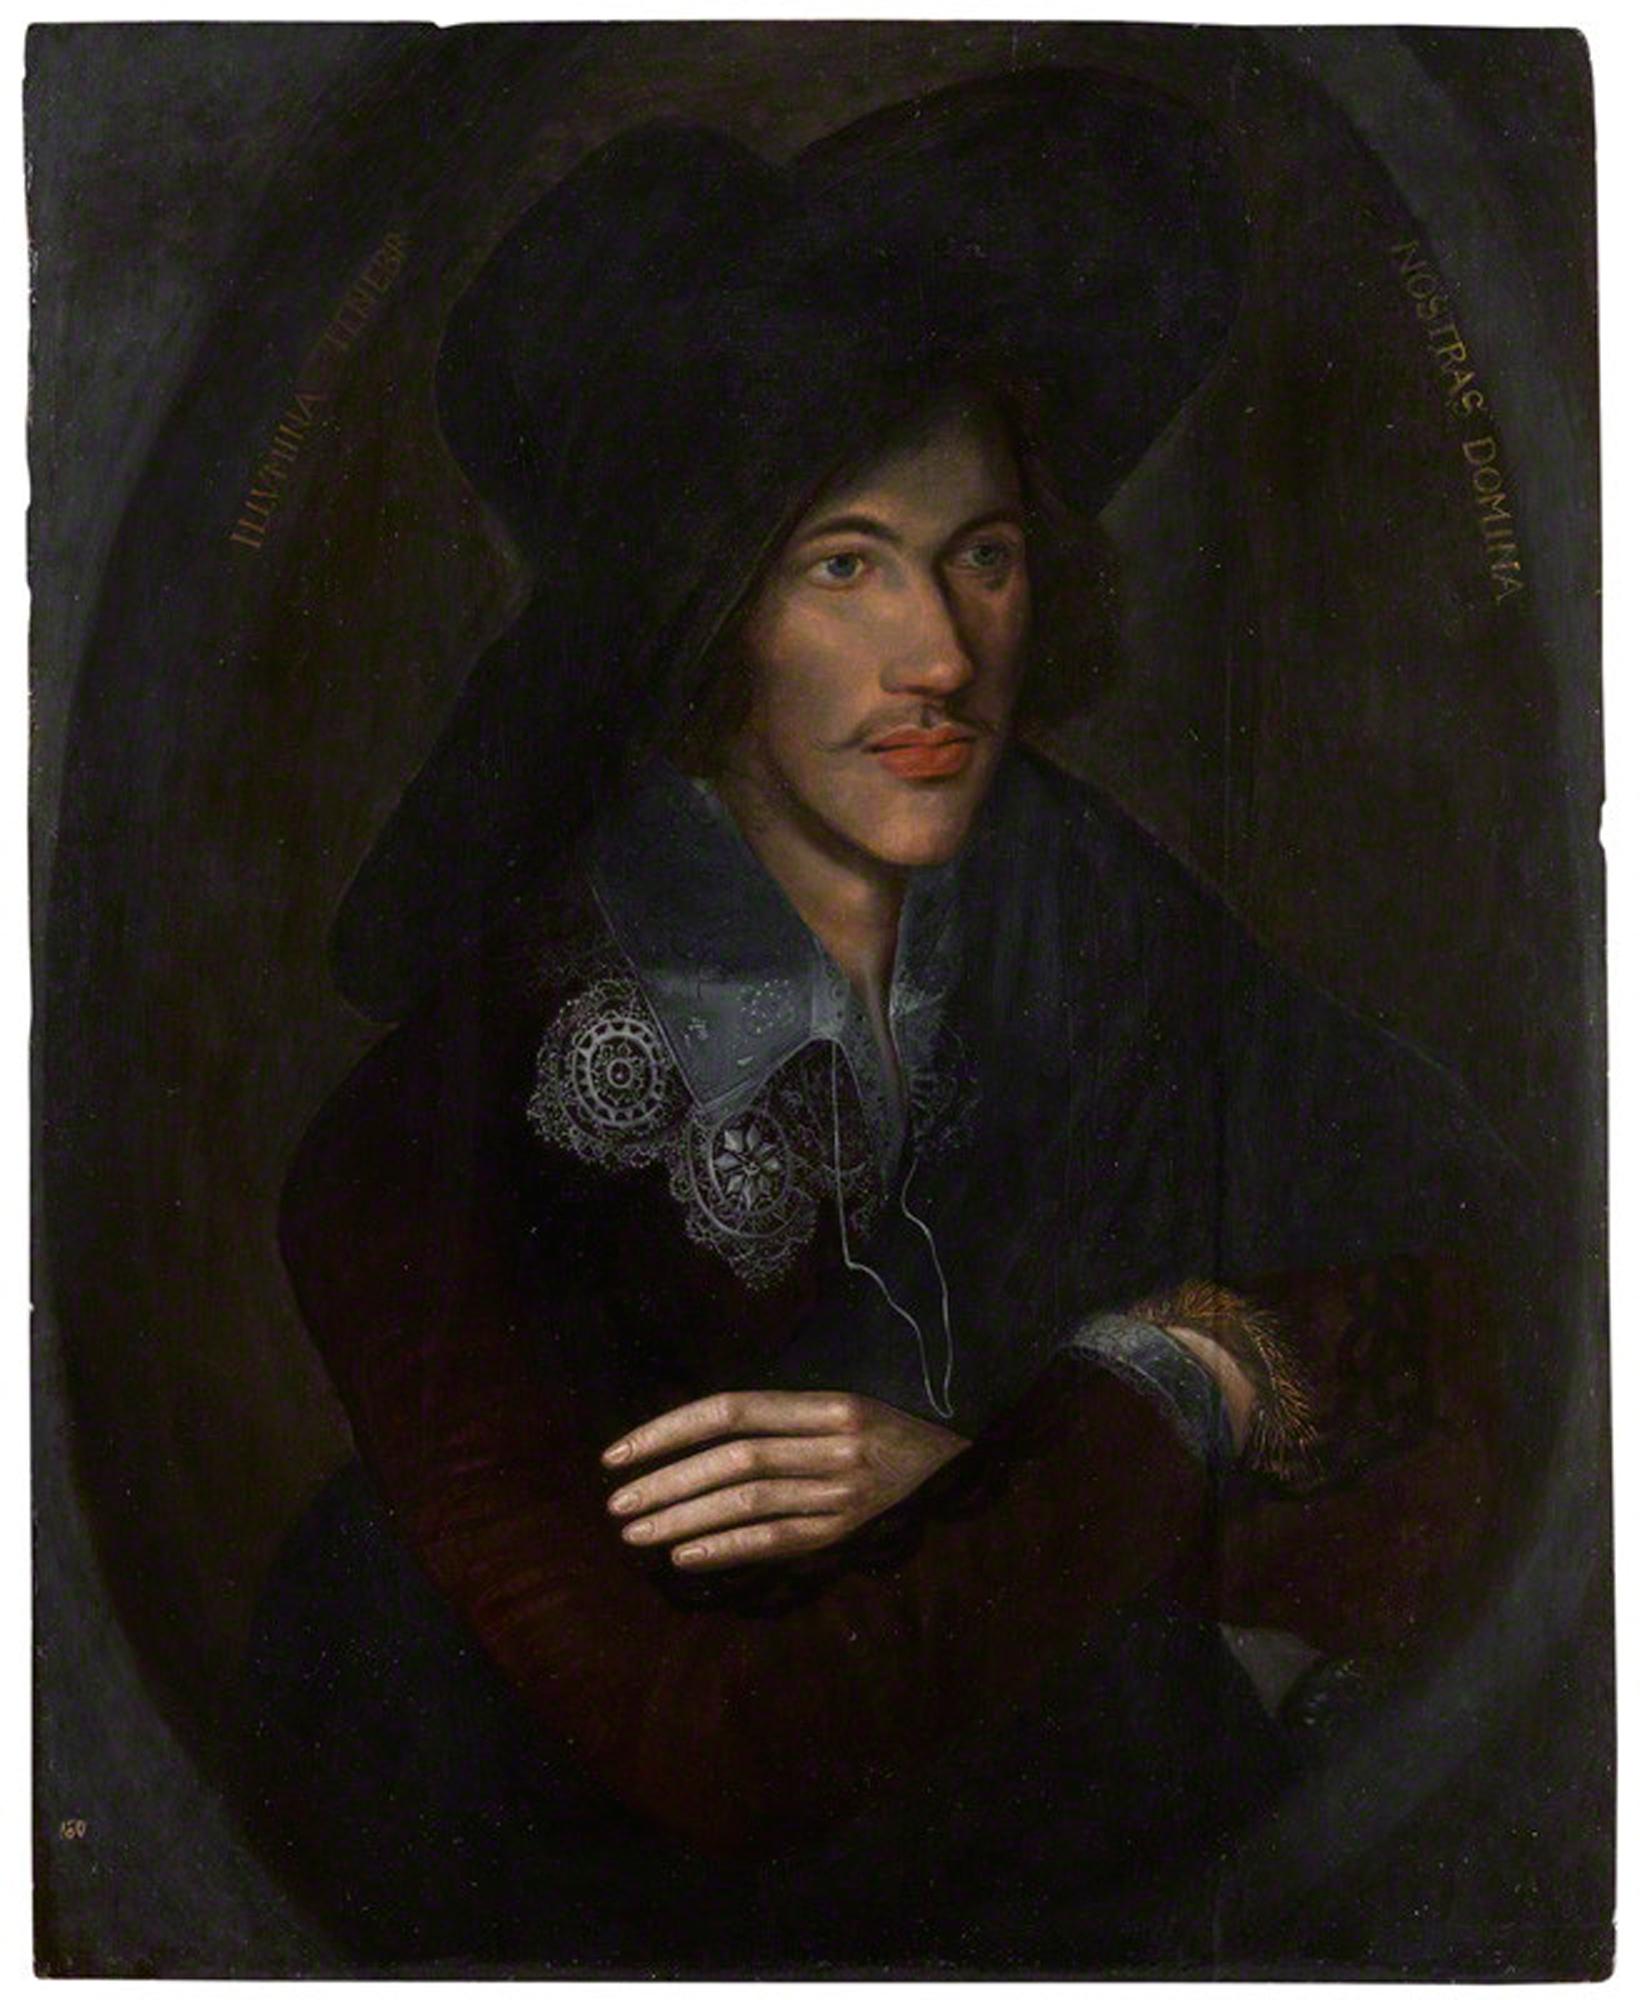 Portrait of John Donne, c. 1595